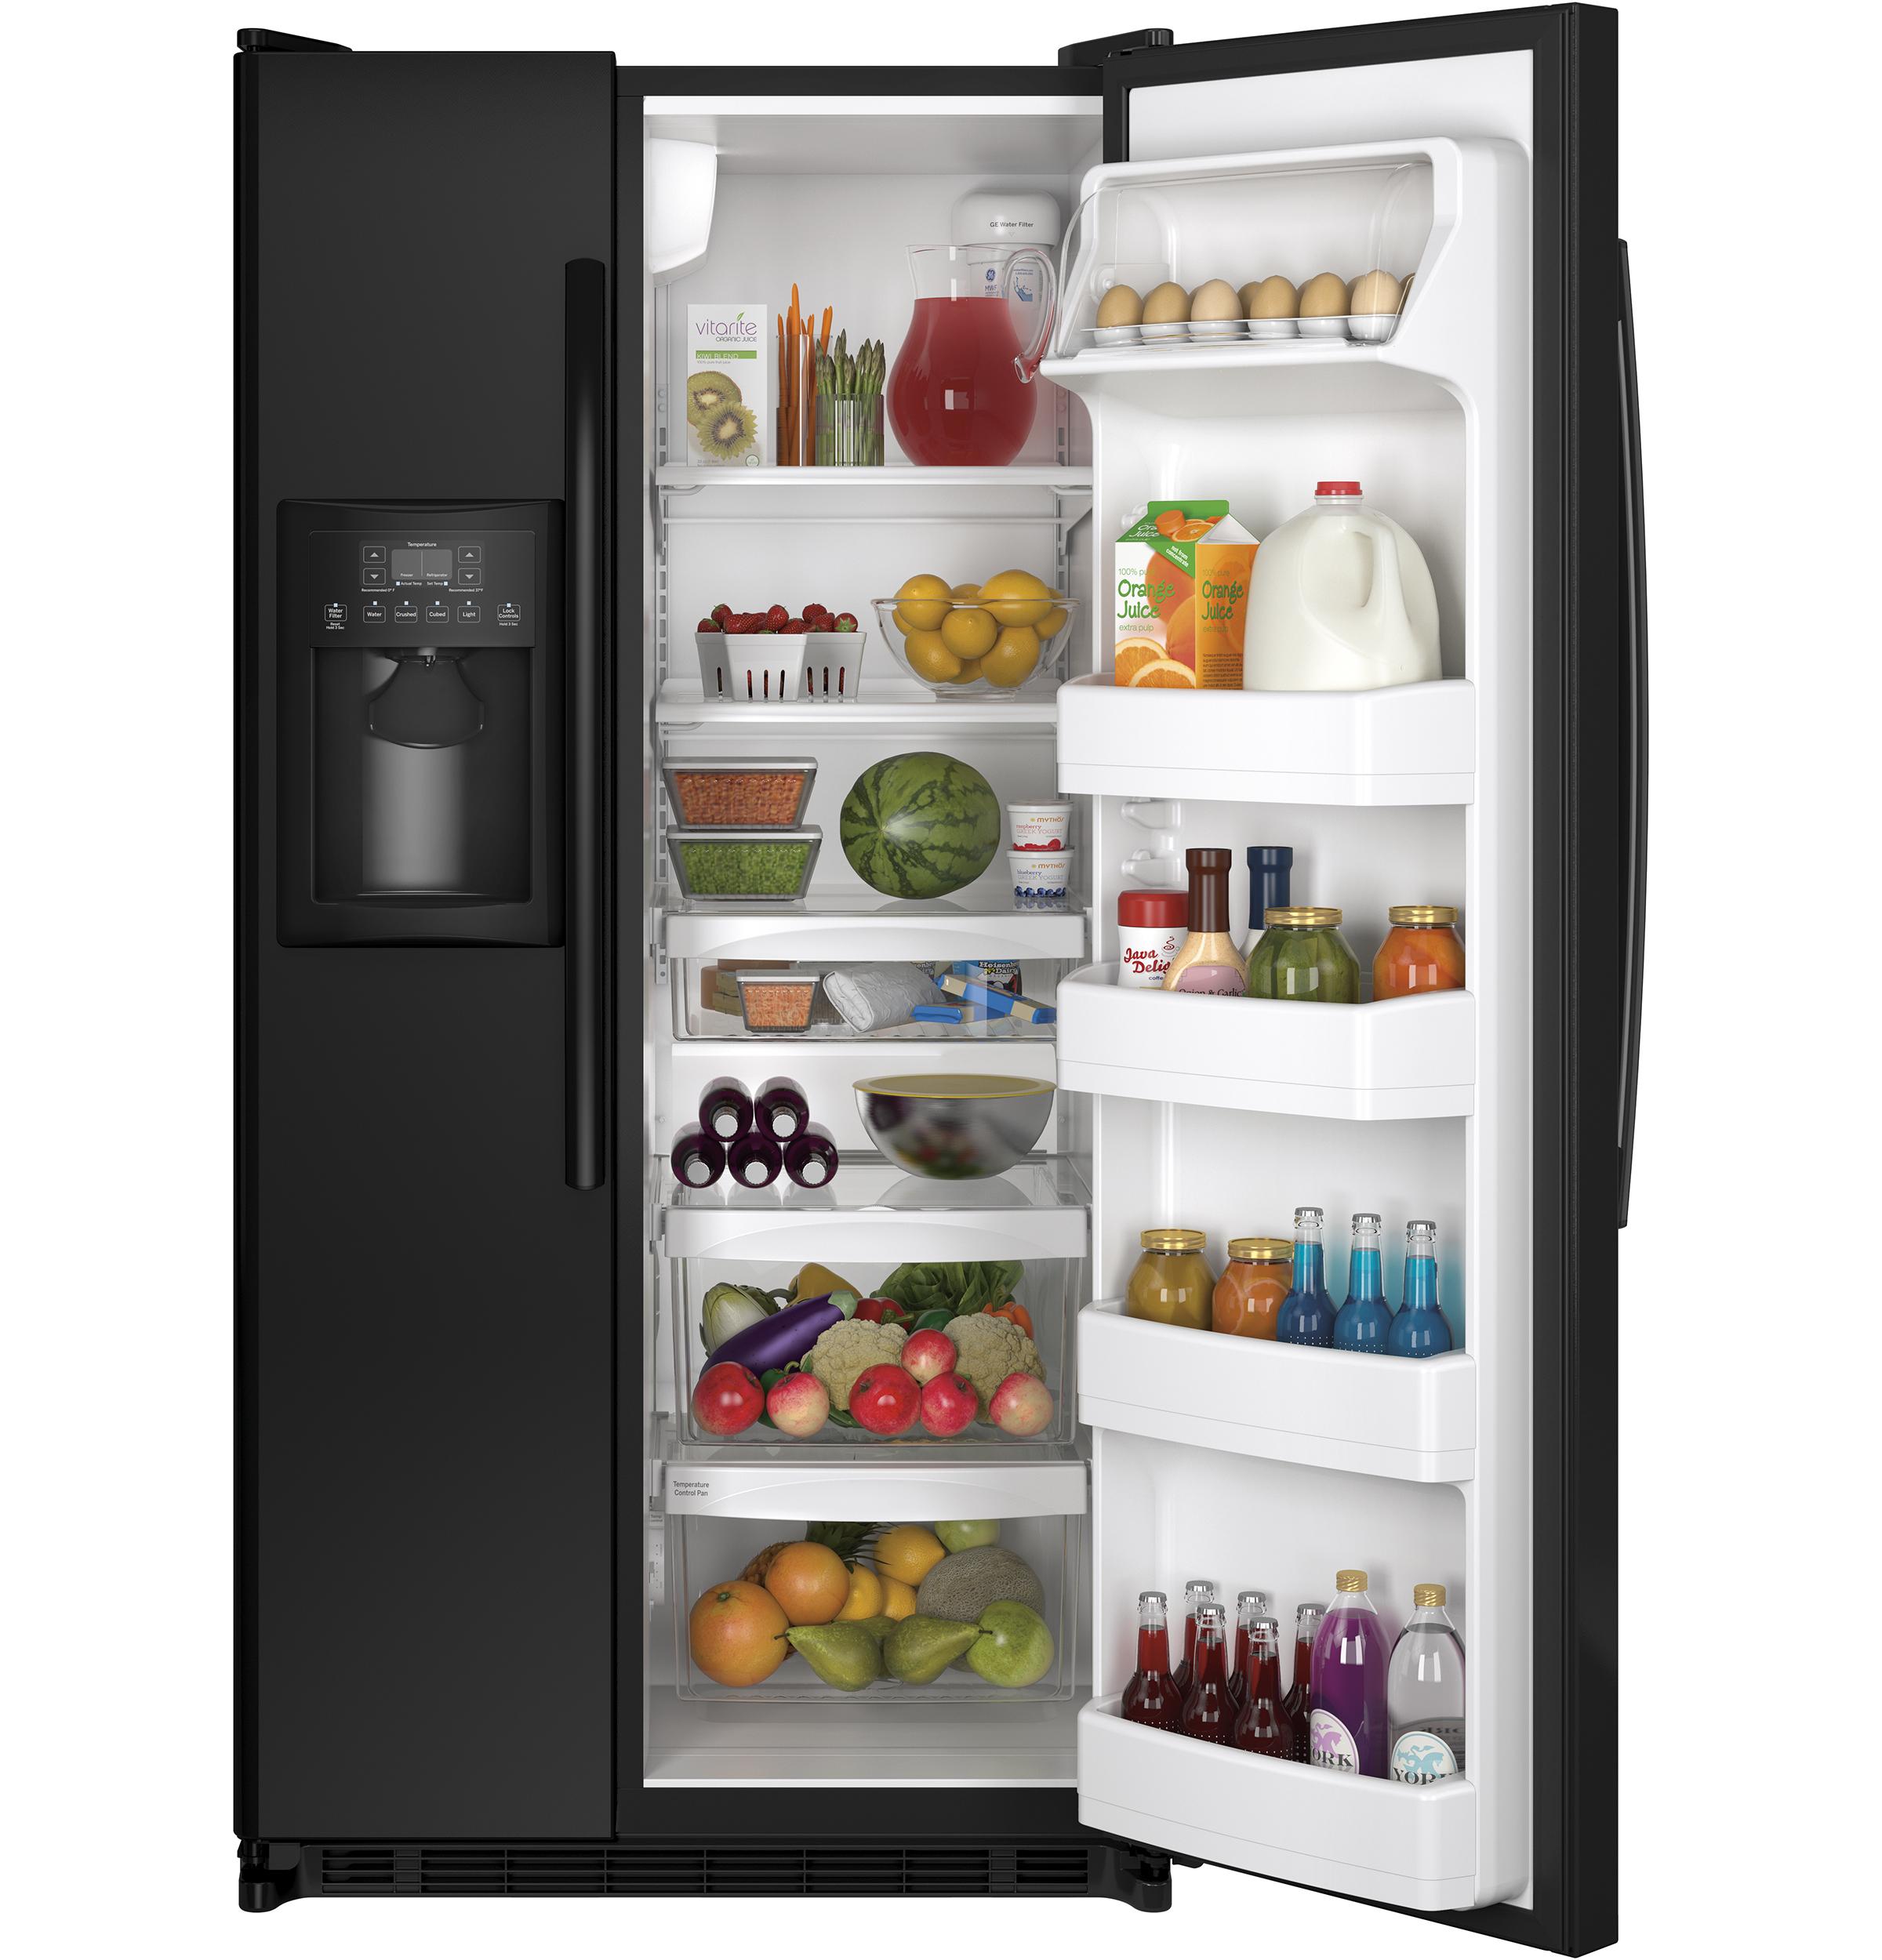 GE Appliances GSE22ETHBB 21.8 cu. ft. Side-by-Side Refrigerator - Black